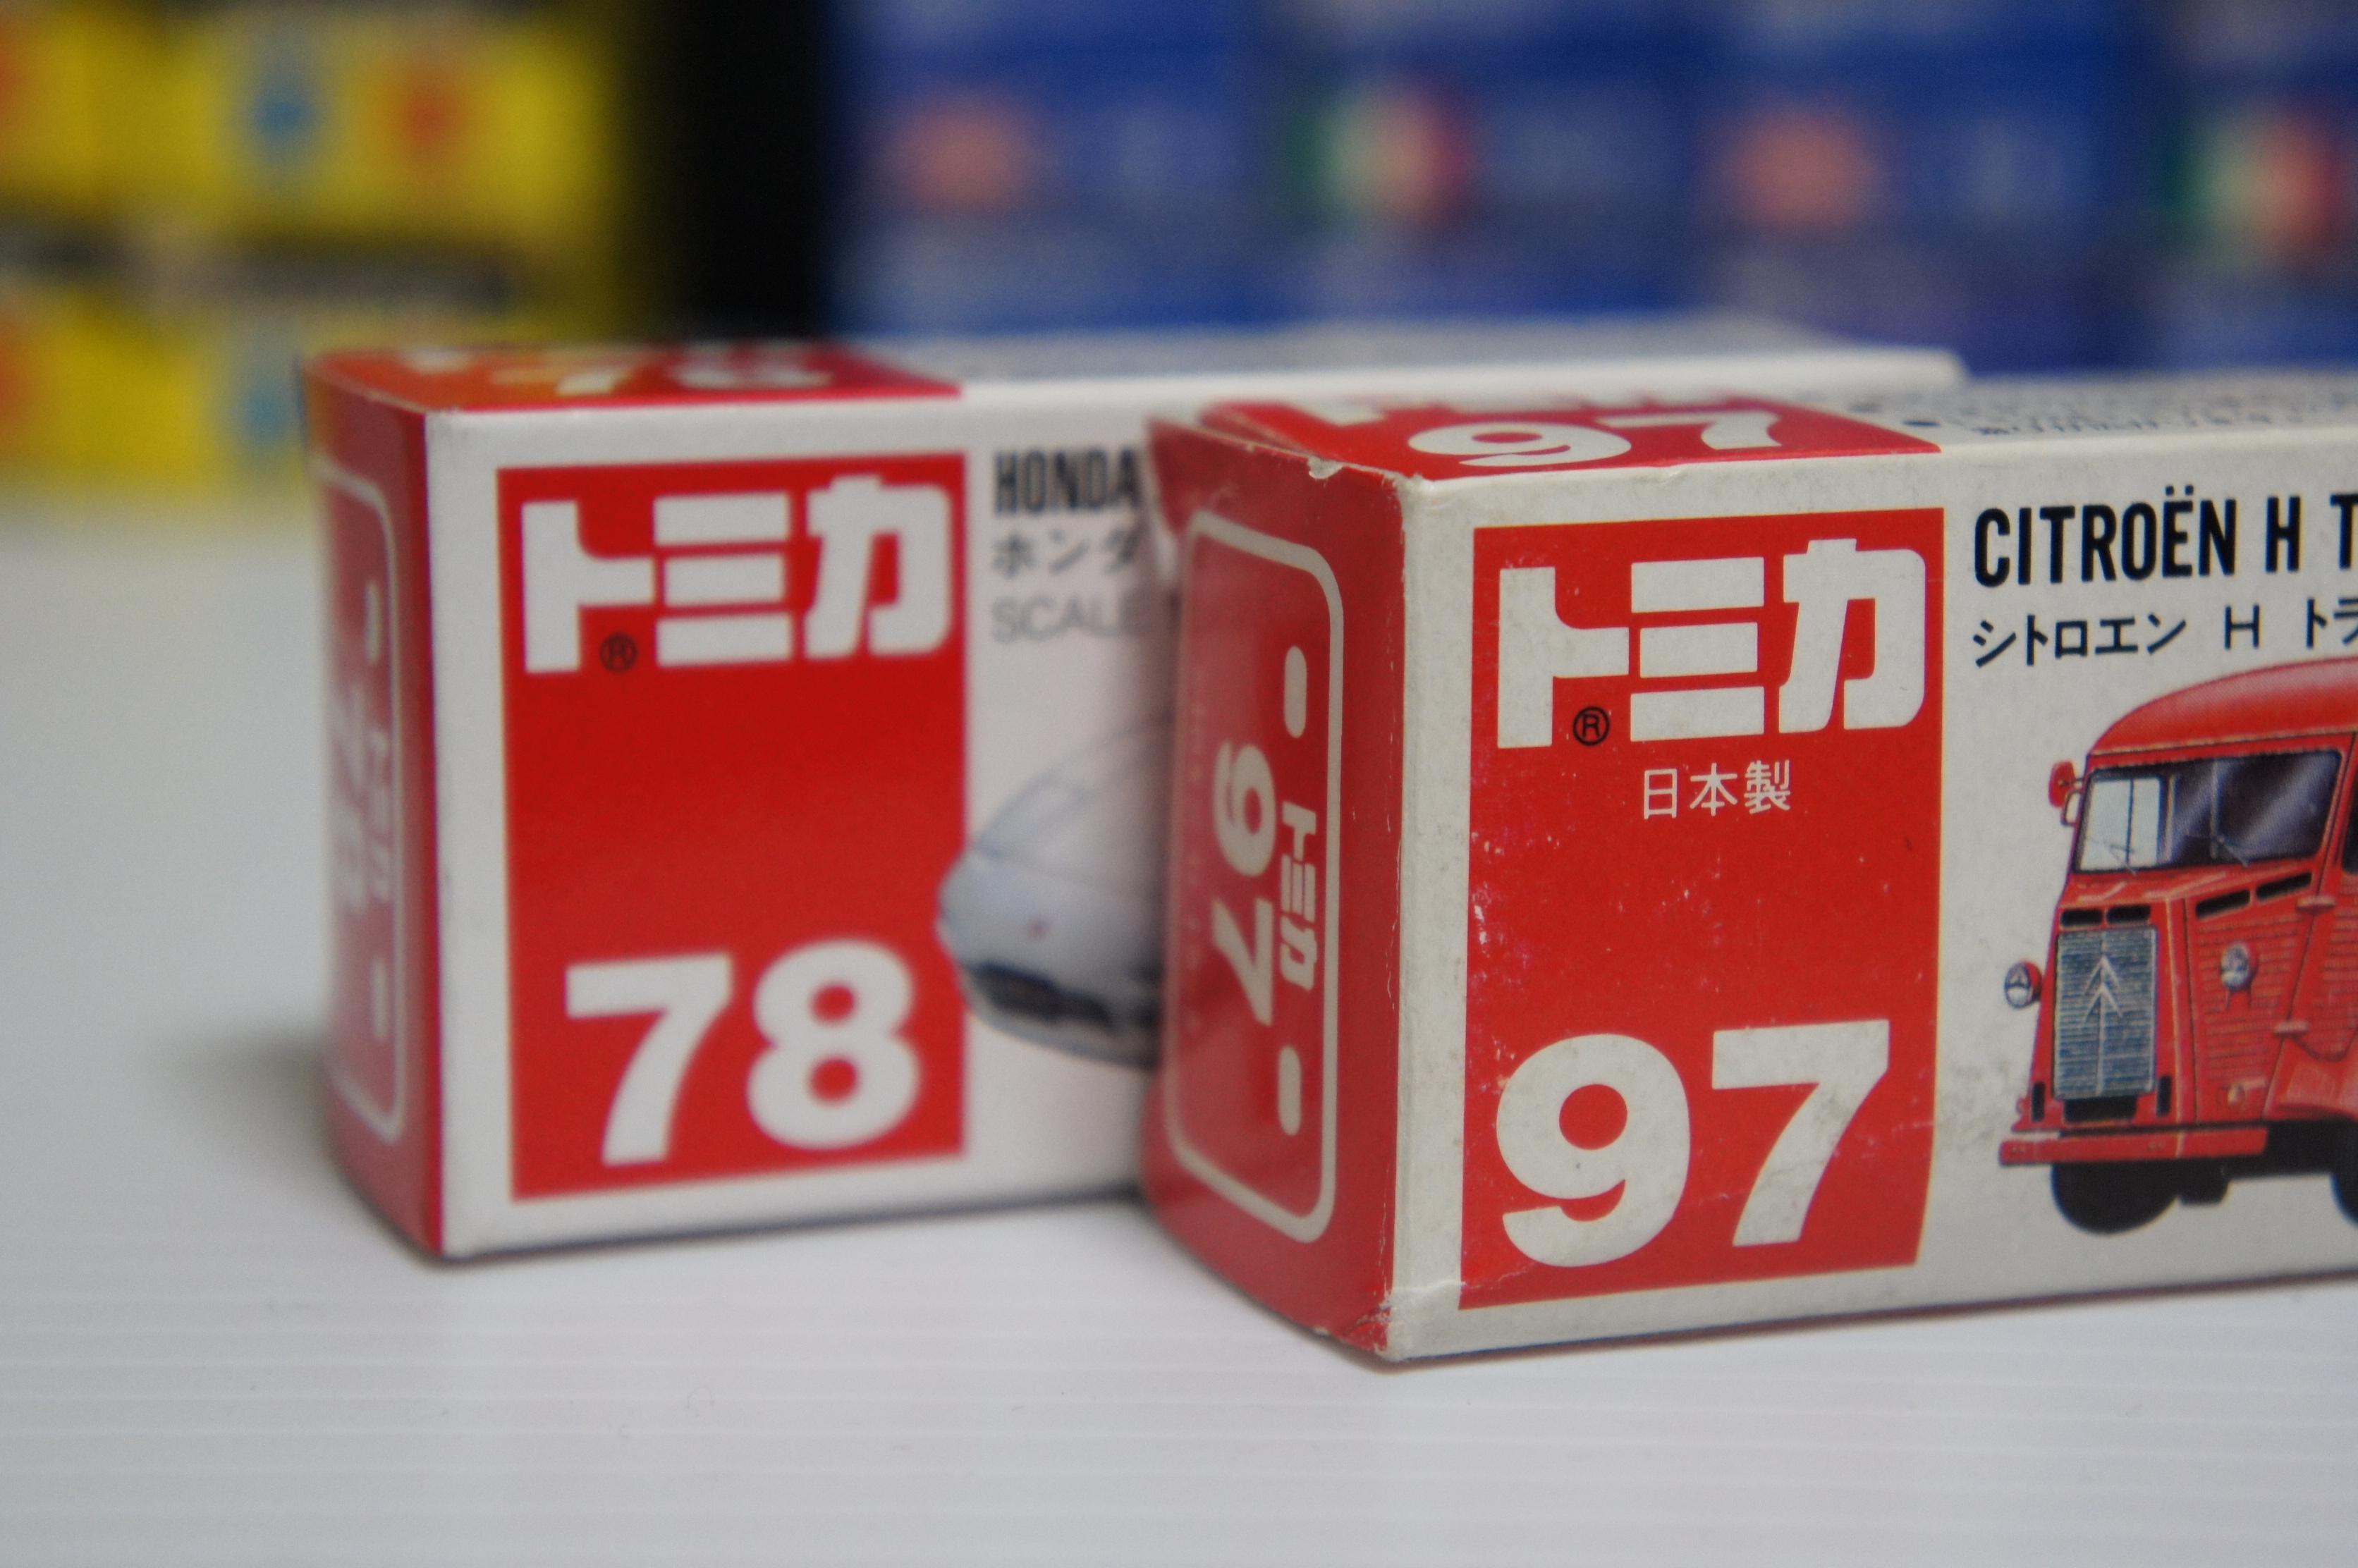 トミカ 日本製と中国製の箱の違い 表